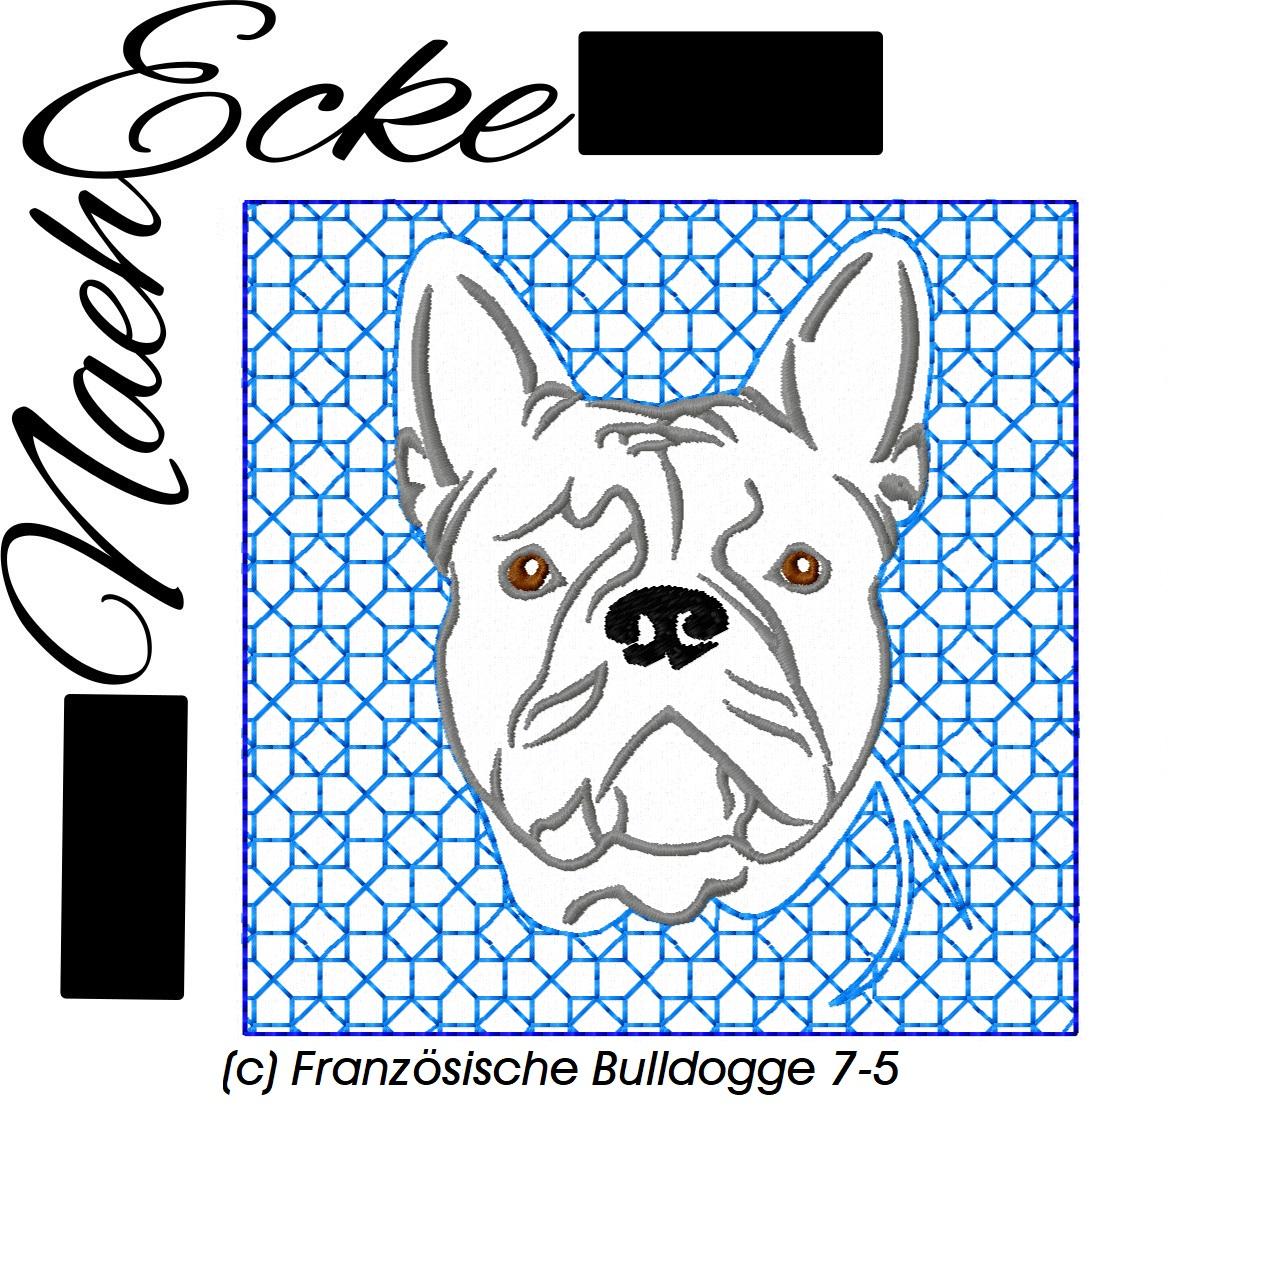 Französische Bulldogge 7-5